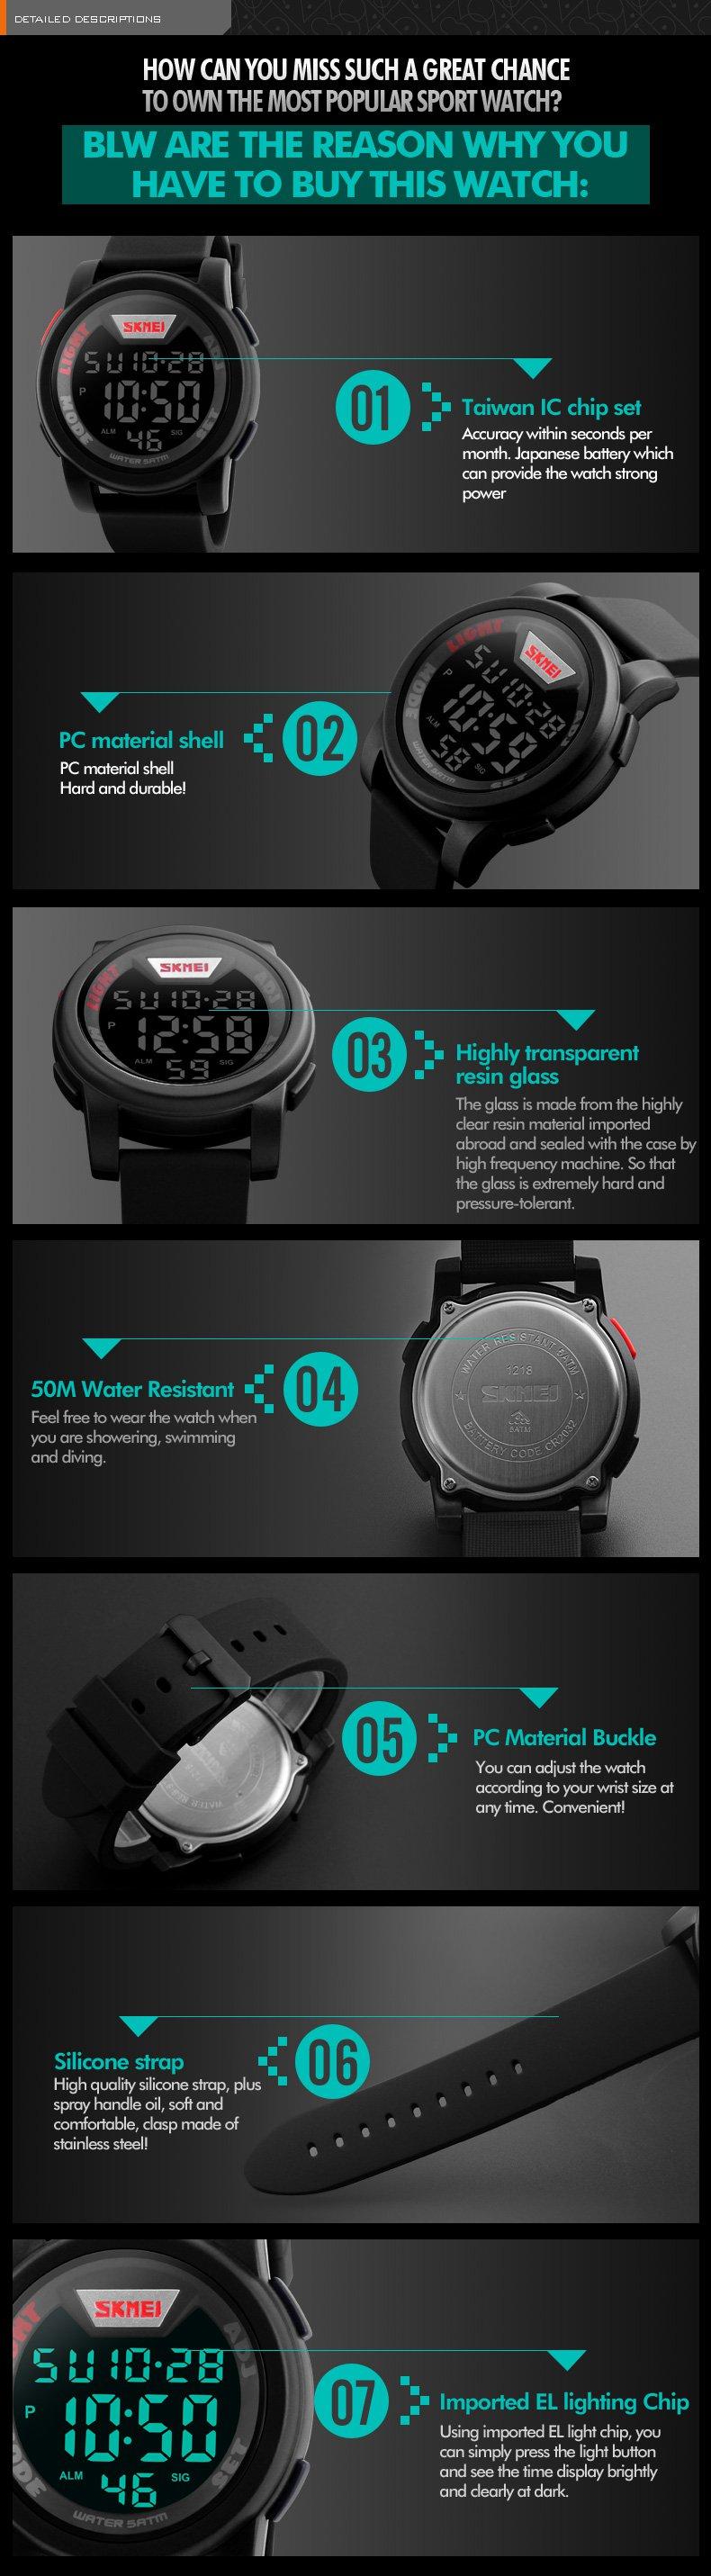 29c2ac8dad8 Kompletní specifikace · Ke stažení · Související zboží (1) · Komentáře (0).  Pánské značkové hodinky SKMEI 1218. Digitální hodinky vodotěsné do 50 m